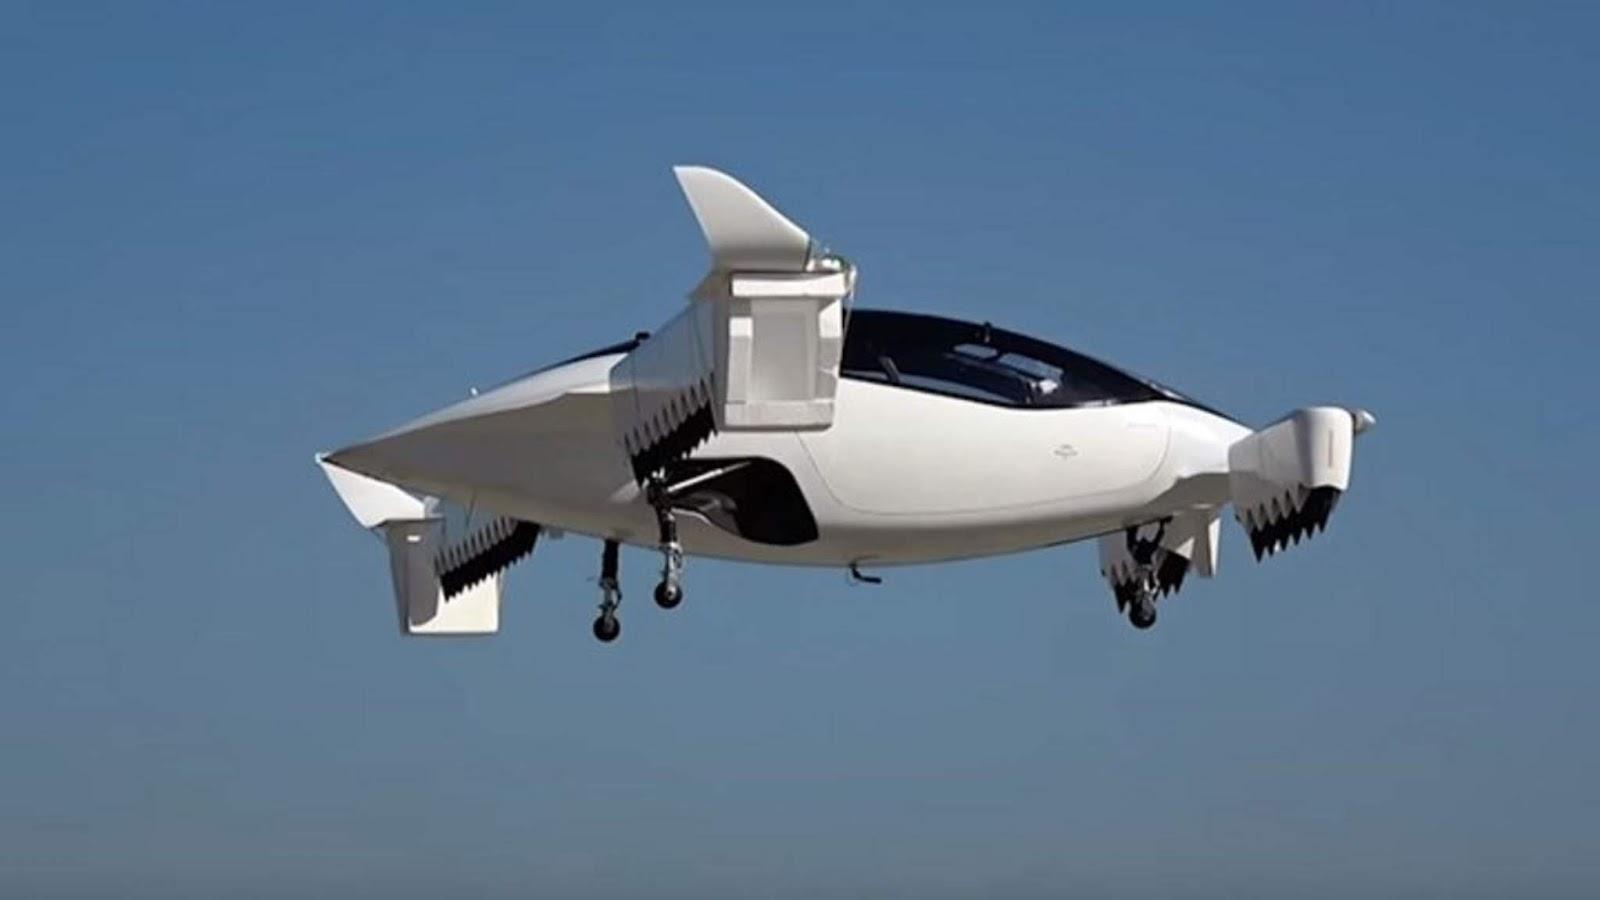 Στον αέρα το πρώτο ηλεκτρικό ιπτάμενο ταξί